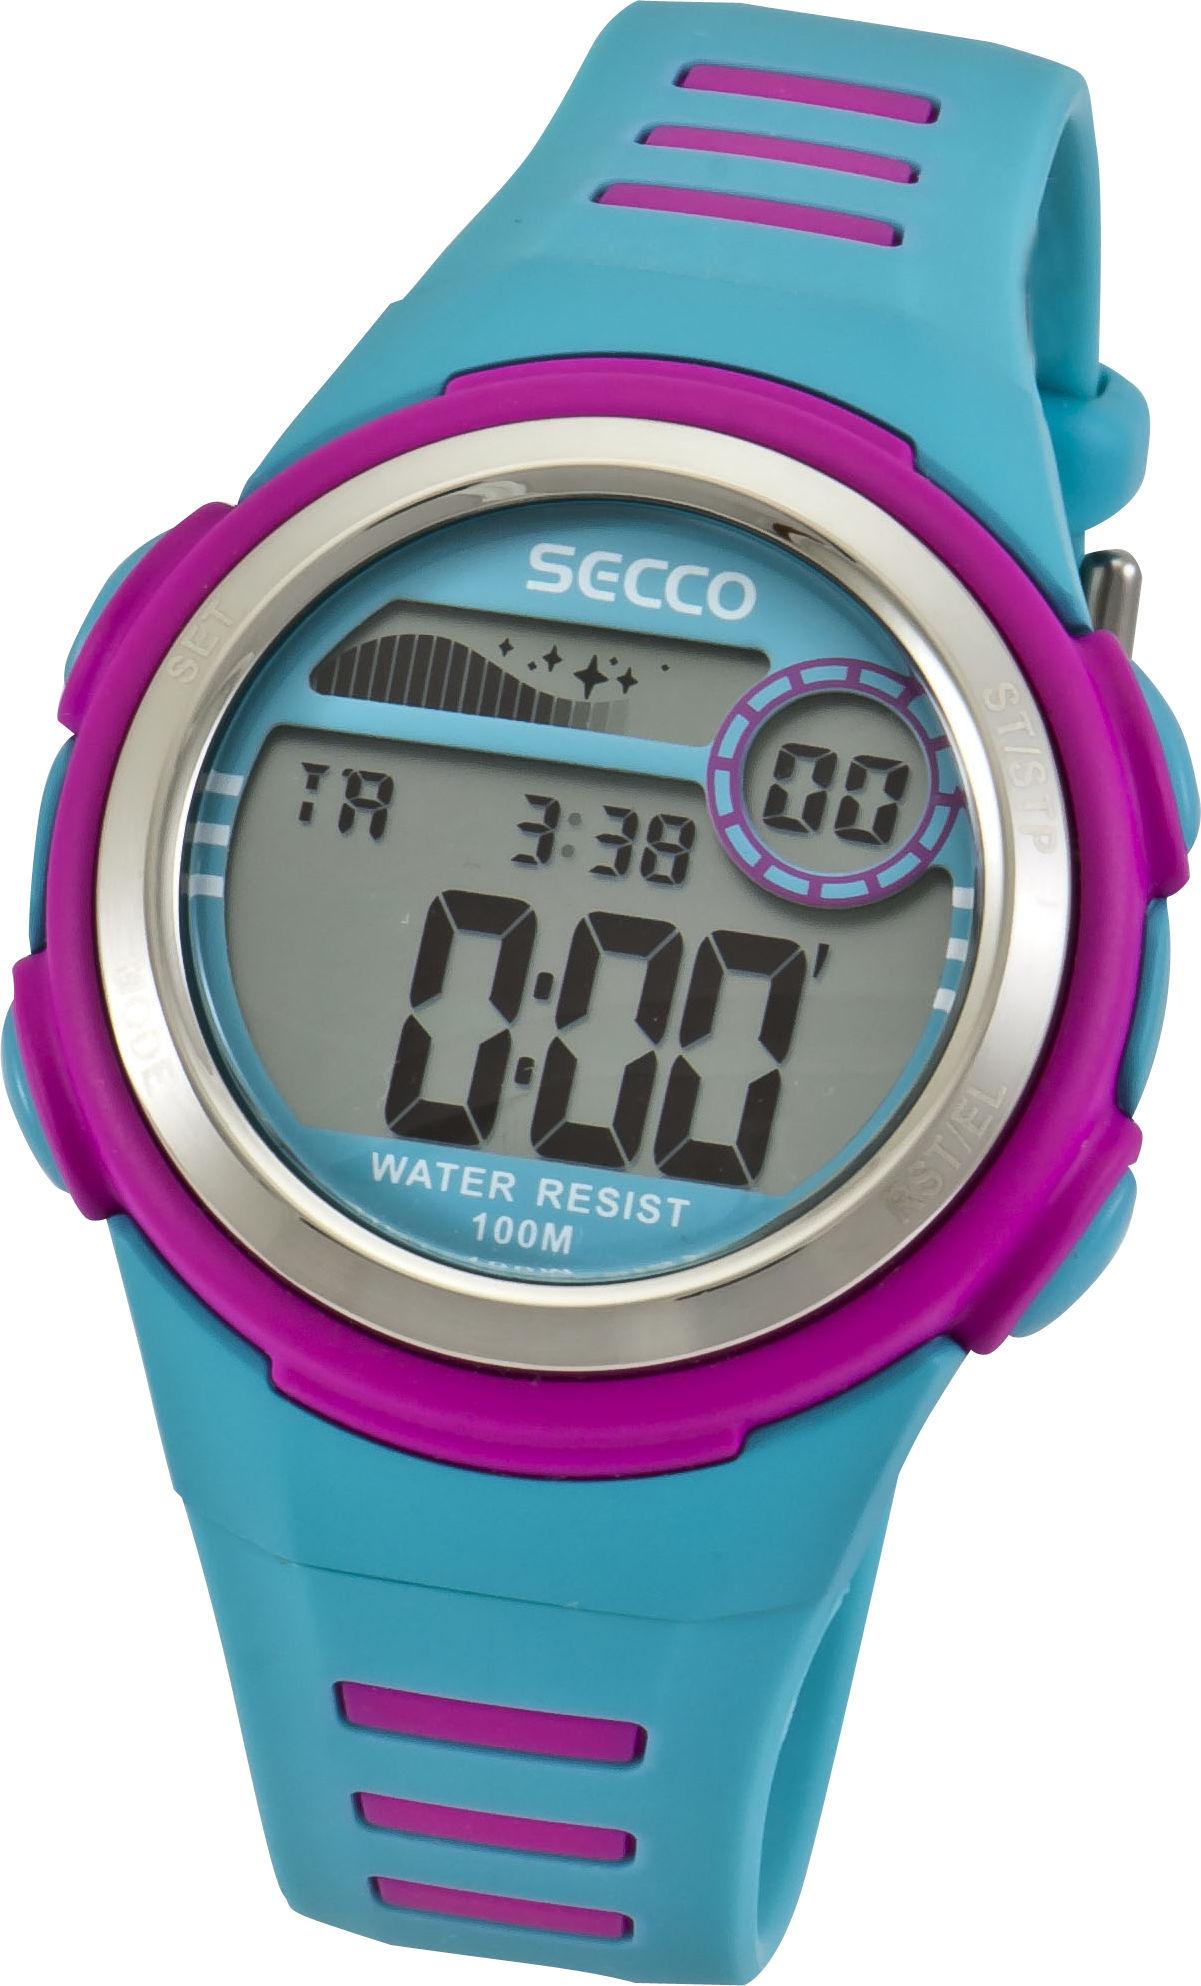 Secco S DIC-002  e20e6ef720e